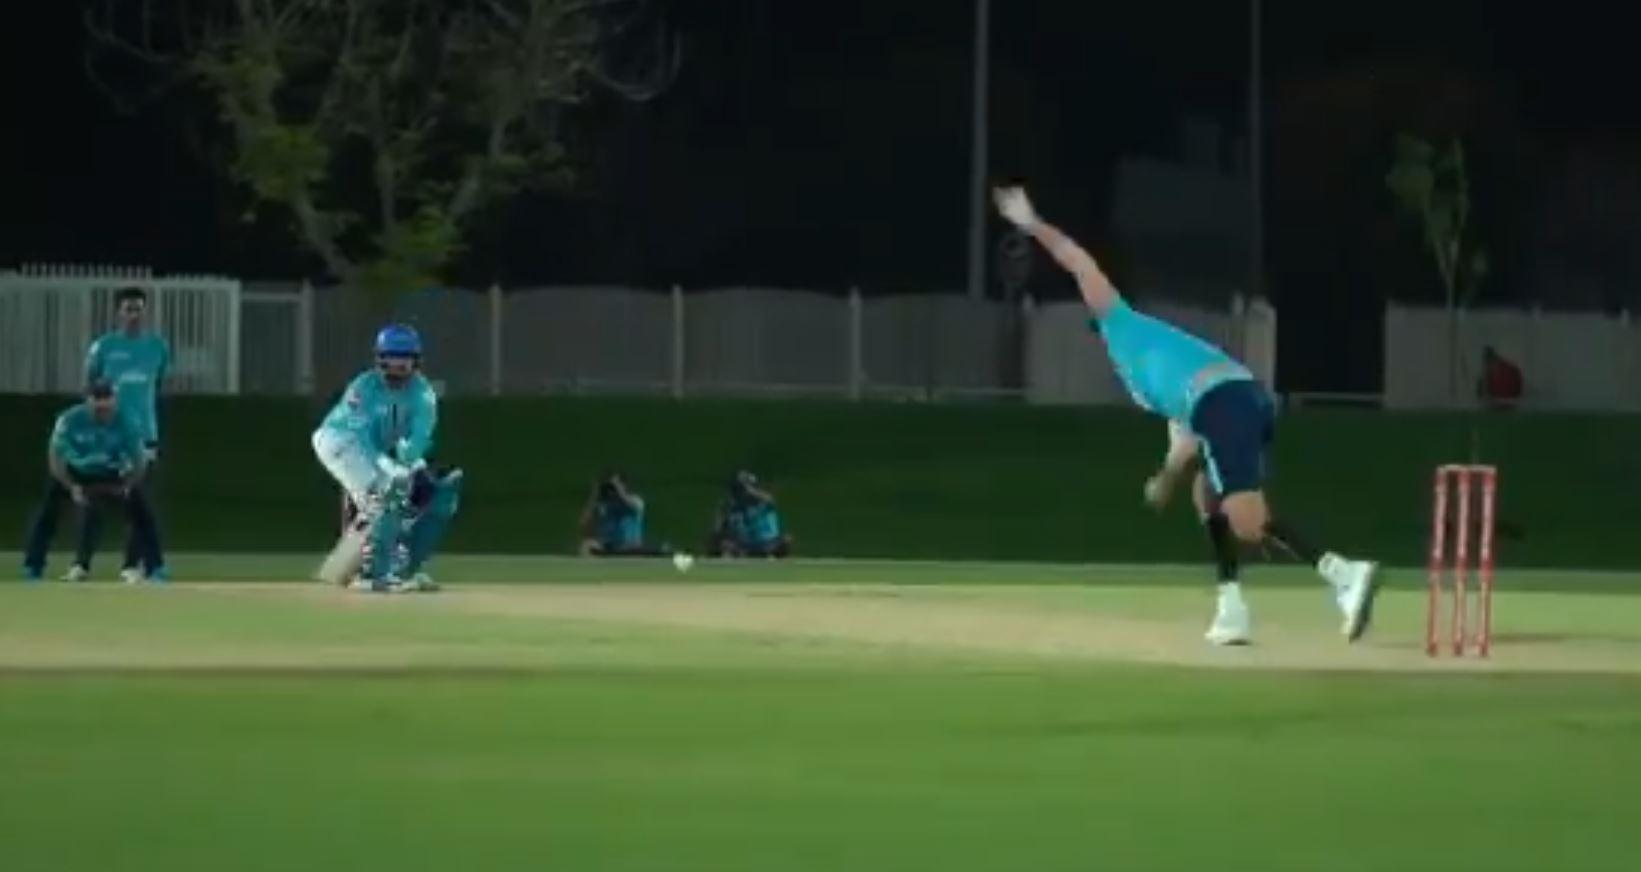 Rishabh Pant hits a reverse ramp shot against Ishant Sharma | Twitter